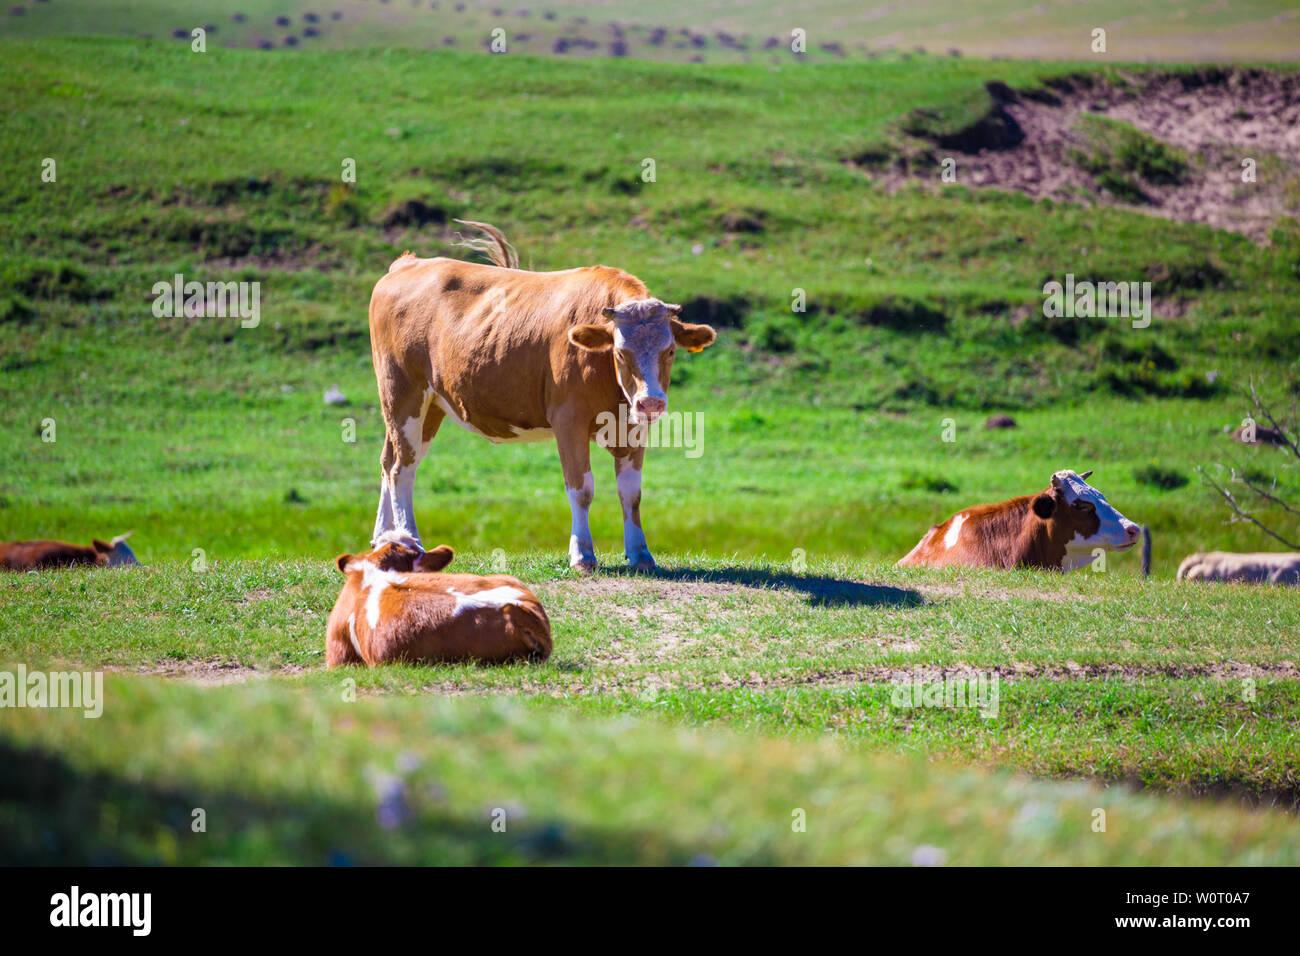 Landwirtschaft Bauernhof Bauernhof, Viehzucht, Rasen, trockene Wiese, Weide, tiere, säugetiere, Kuh, Bauernhof, Landschaft, Ländliche niemand in der Natur, Gräser, Tierhaltung, Ackerland, ländlichen Gegend Sommer Rinder Herde Rinder Rinder Rinder Stockfoto